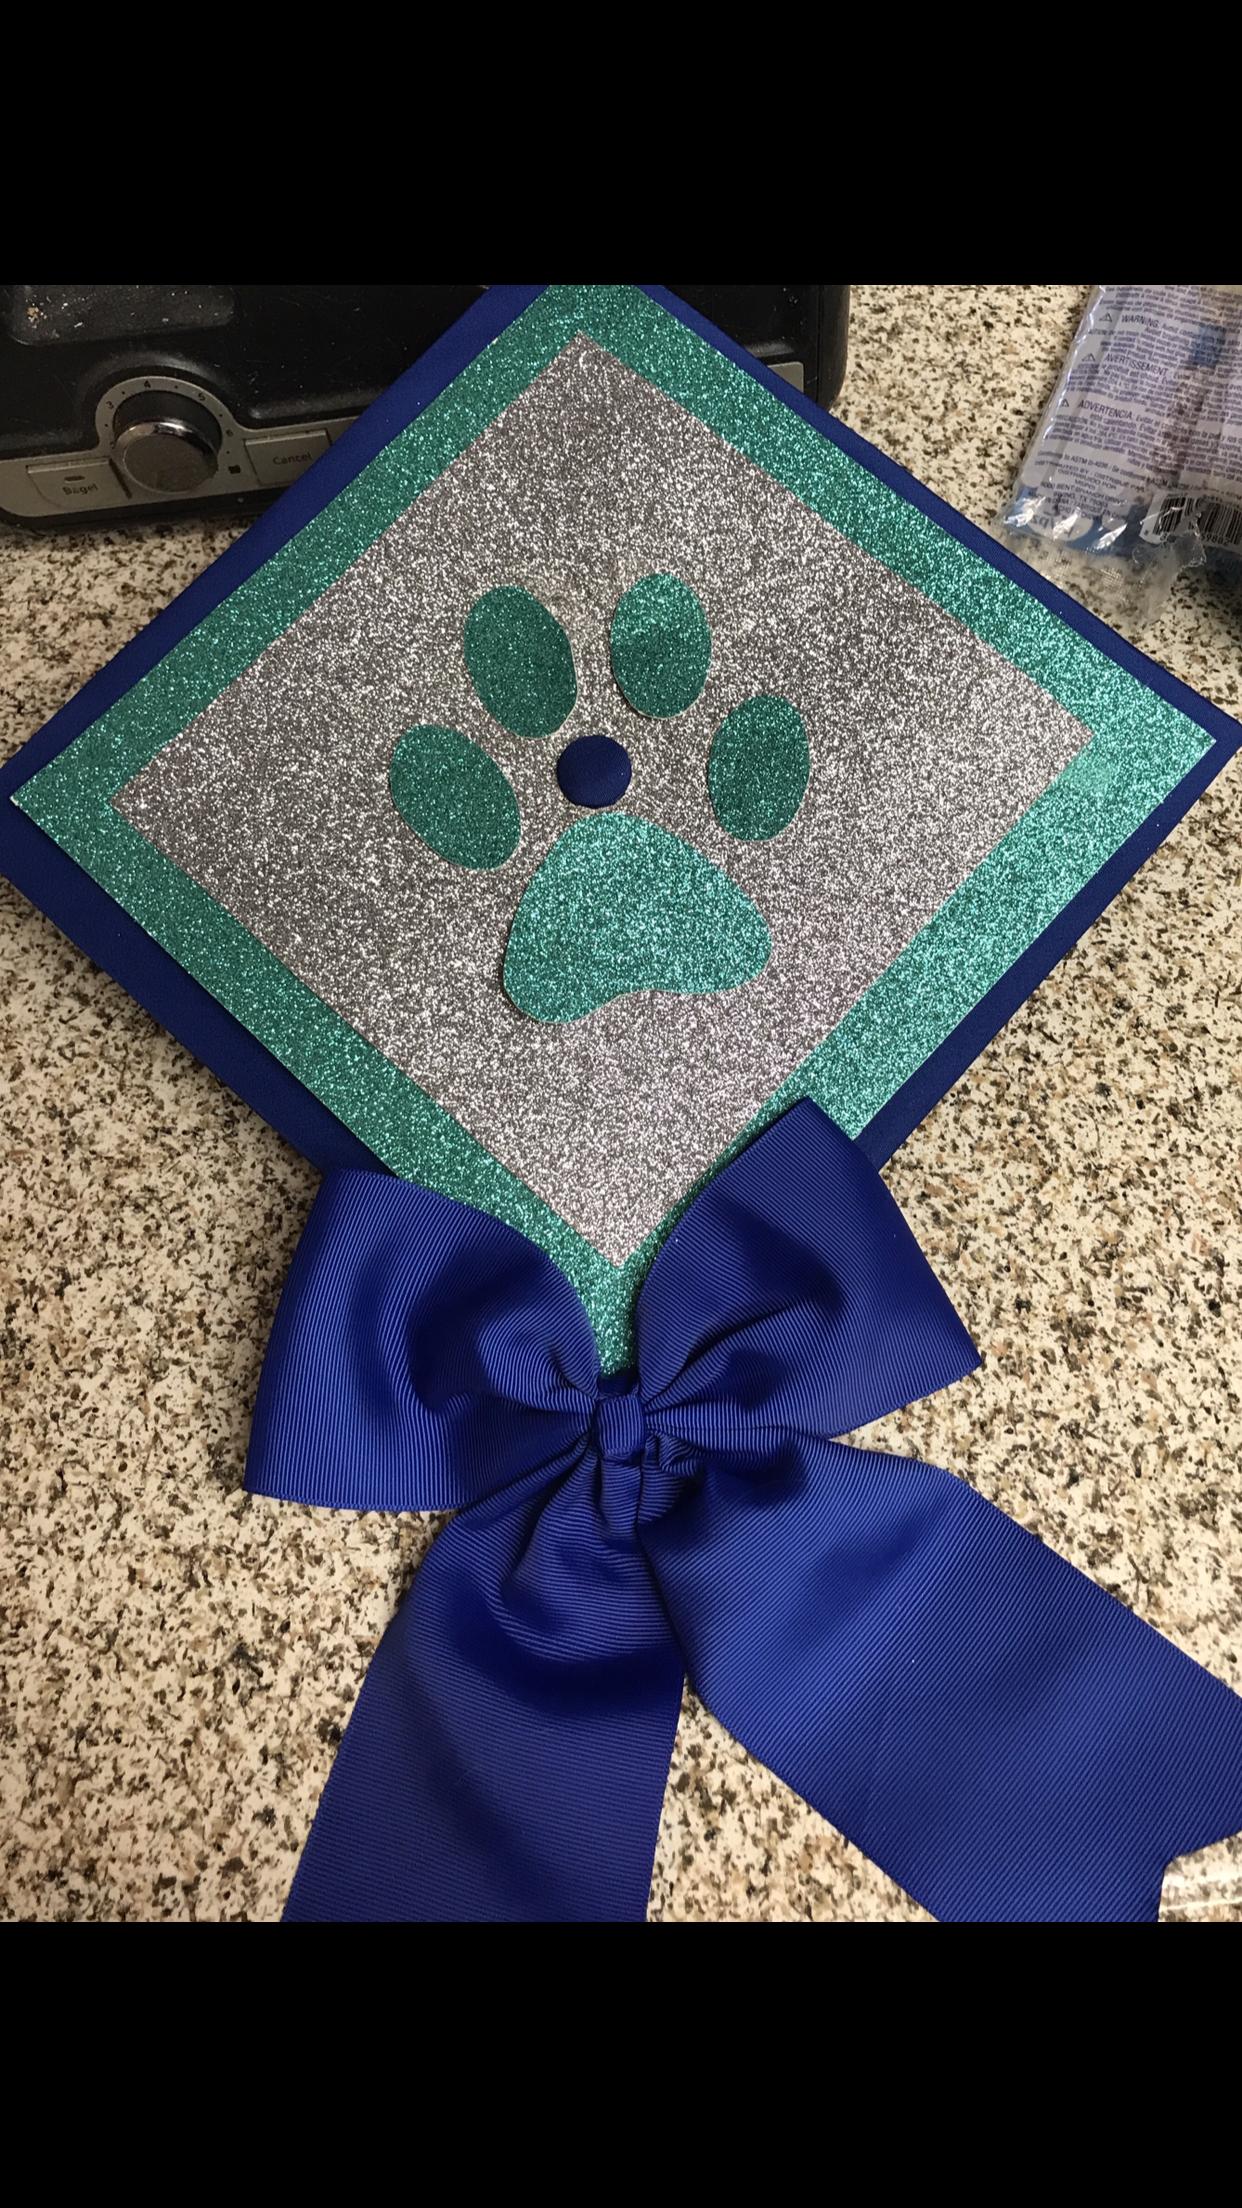 Graduation cap vet tech rvt Graduation cap, Vet tech